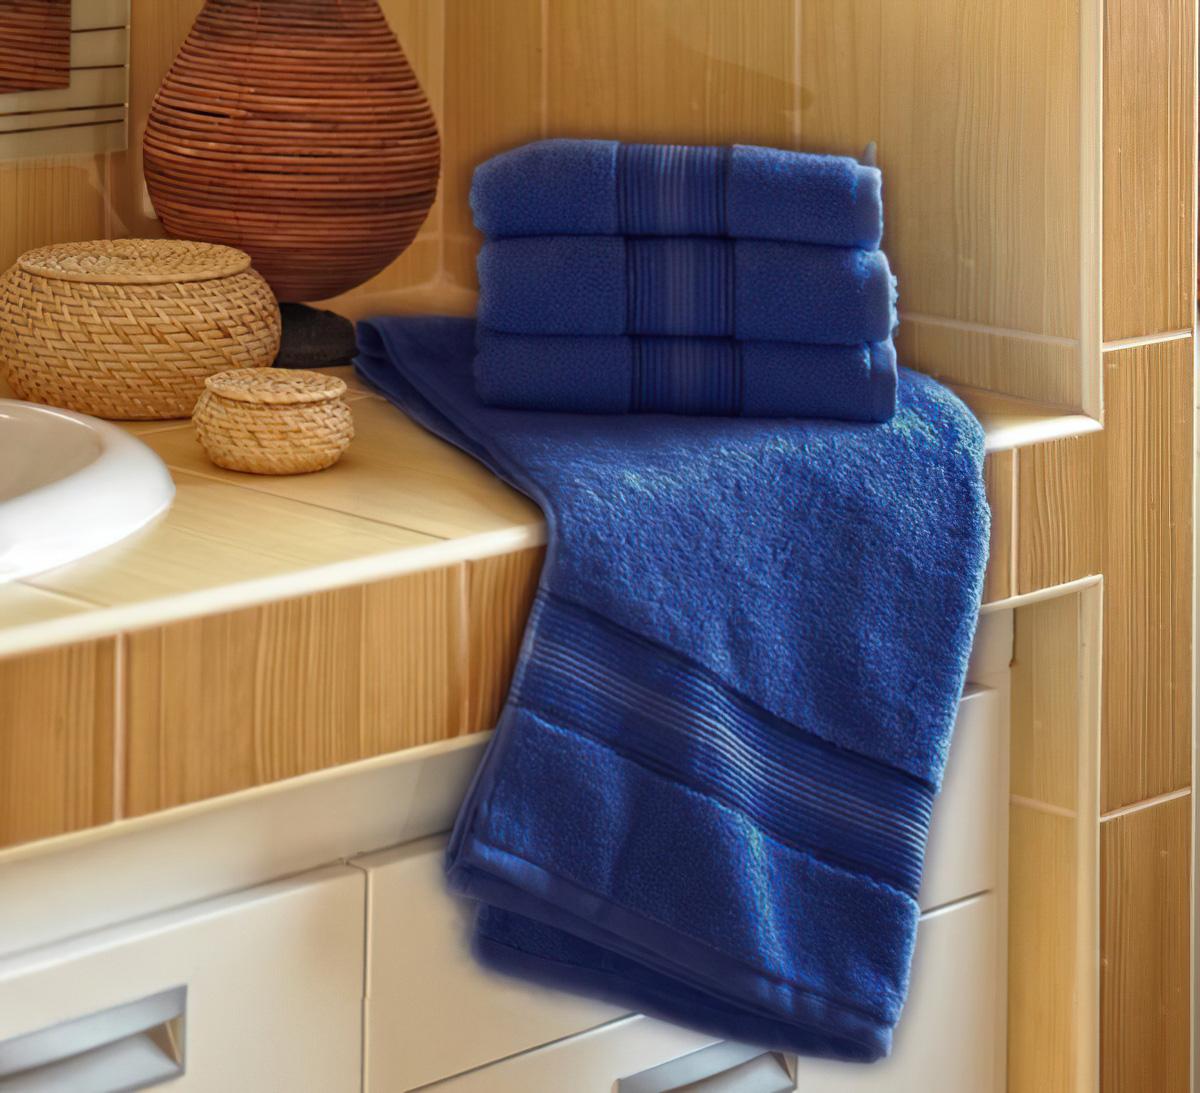 Jiří Polášek mikrofroté ručník DITA, tmavě modrá, 50x100cm